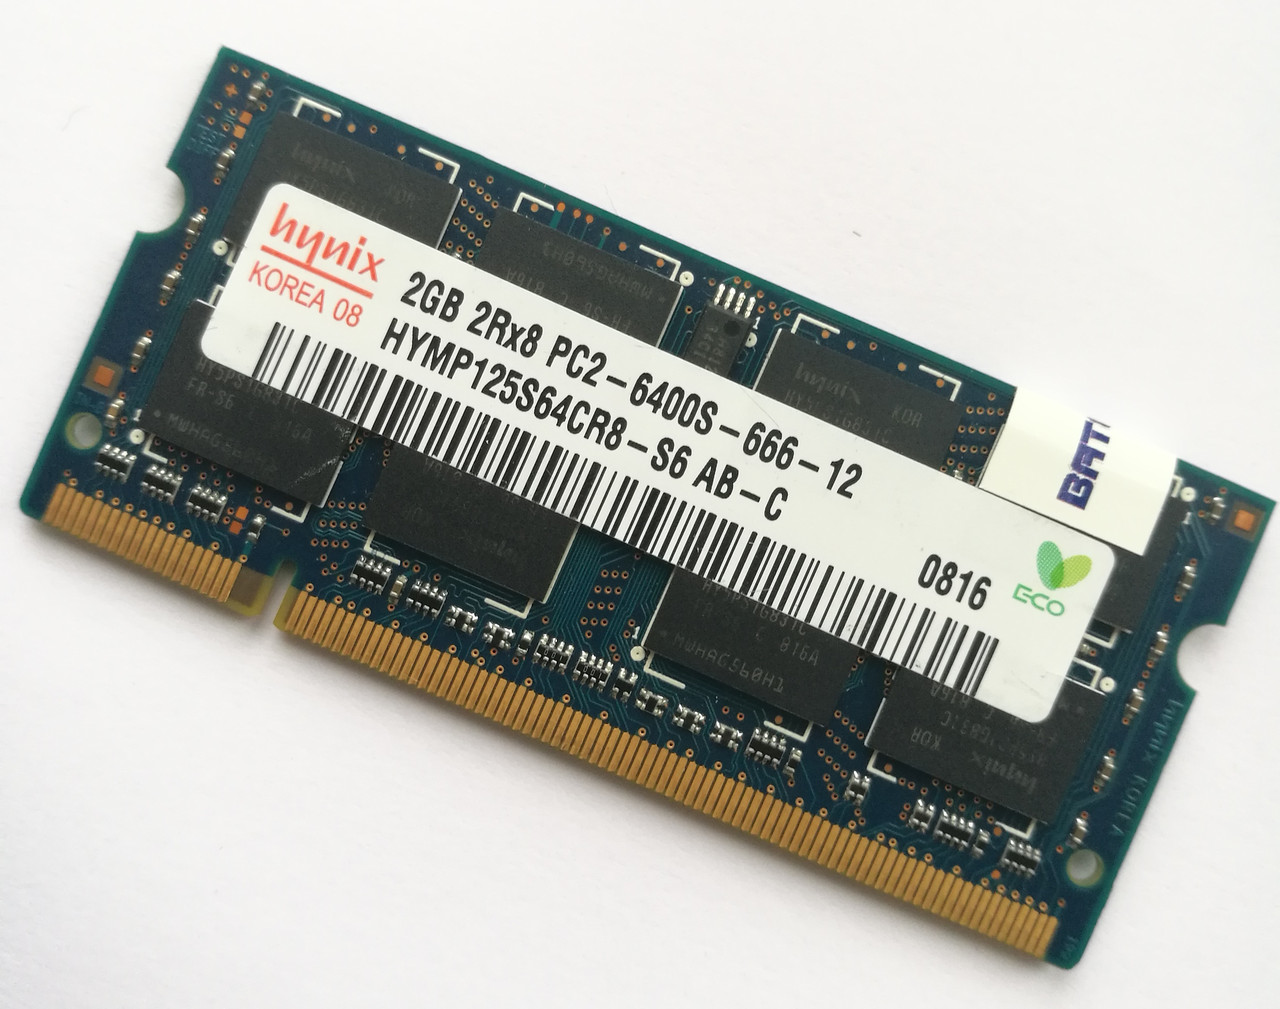 Оперативная память Hynix SODIMM DDR2 2Gb 800MHz 6400s CL6 (HYMP125S64CR8-S6 AB-C) Б/У